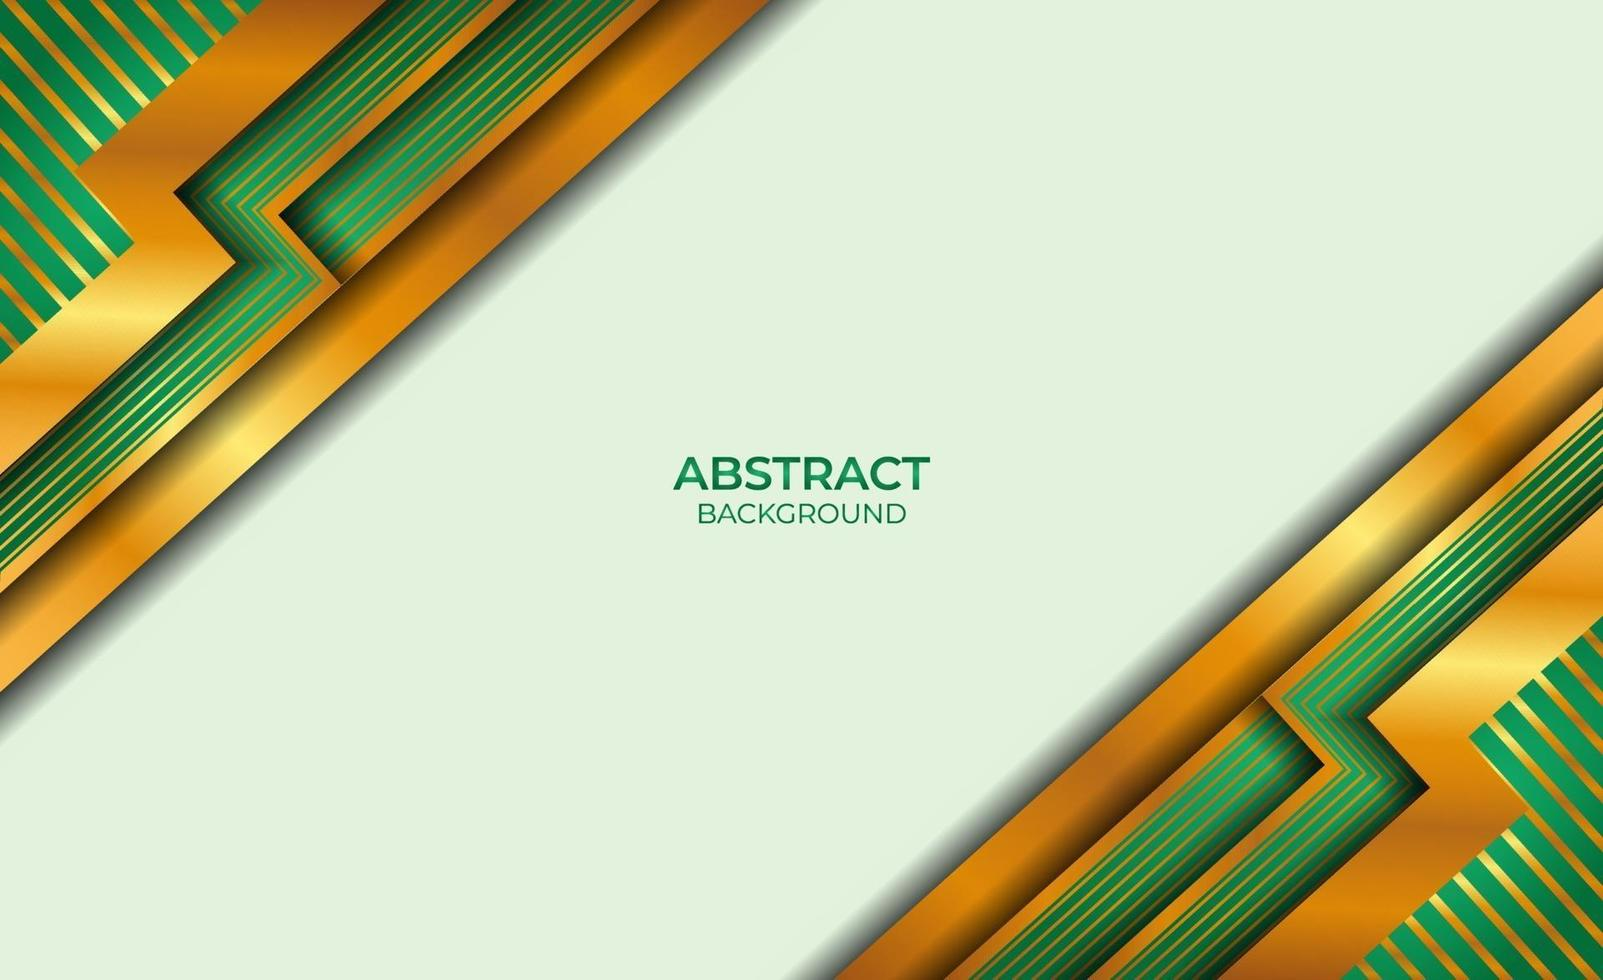 ontwerp gouden en groene stijl abstract vector